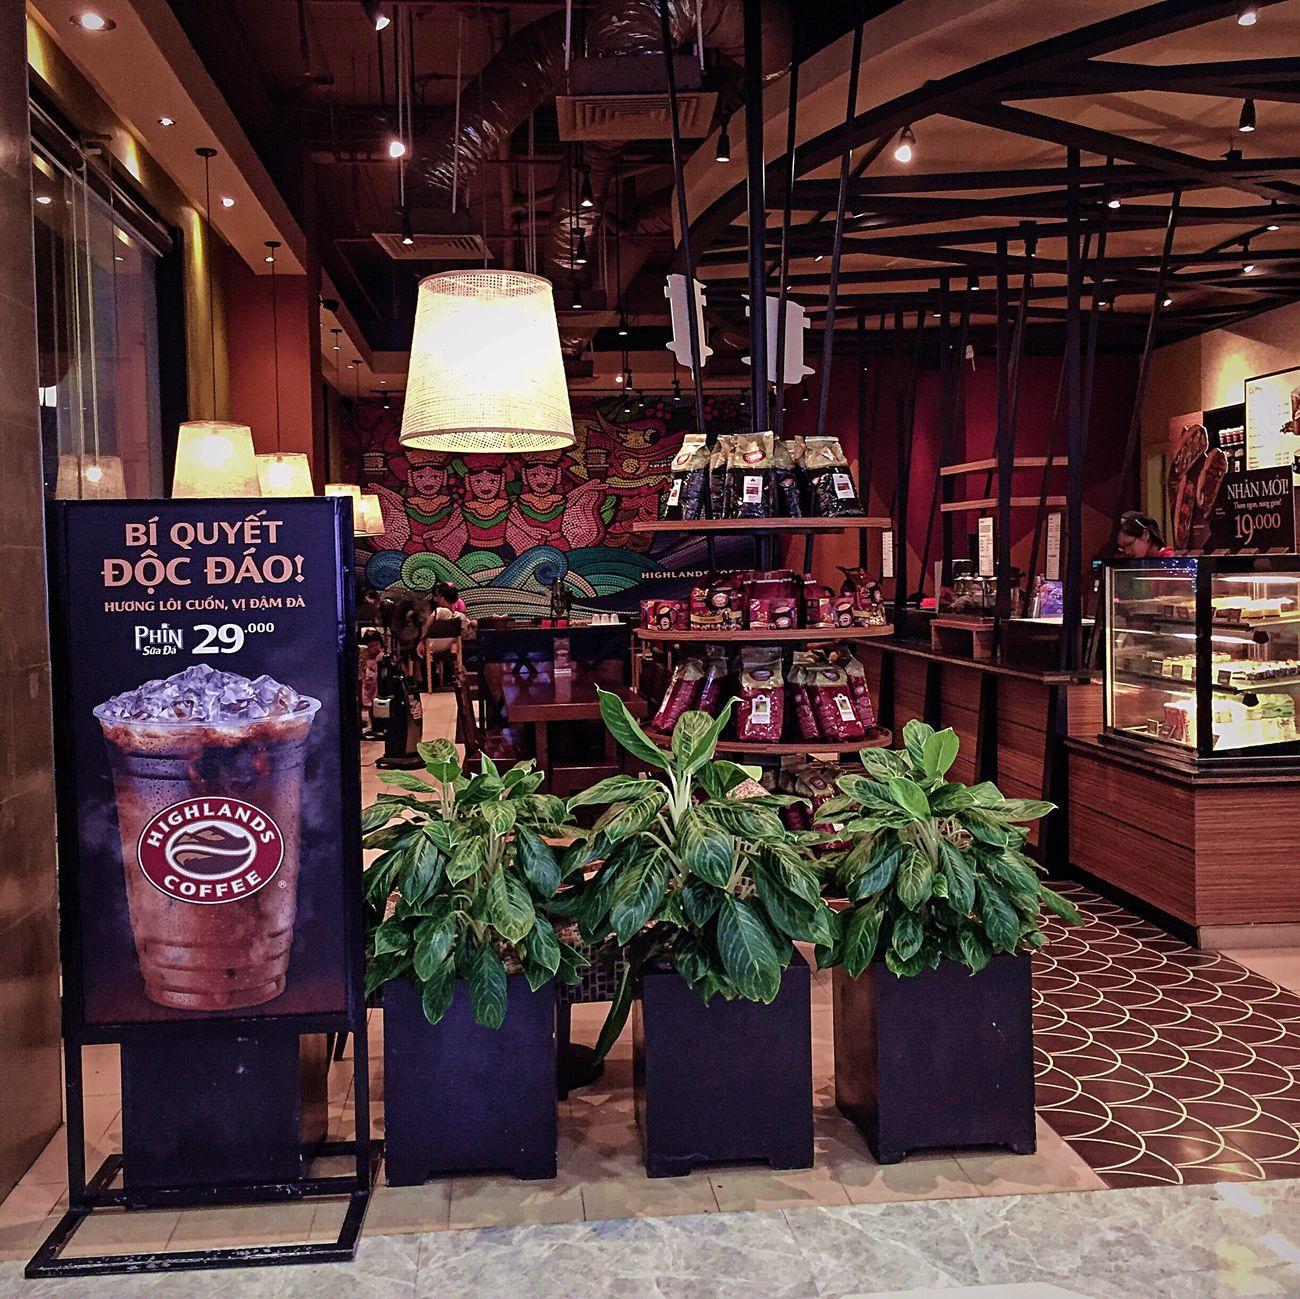 Hải Phòng Vietnam Cafe Travel Cozy Highlands Coffee